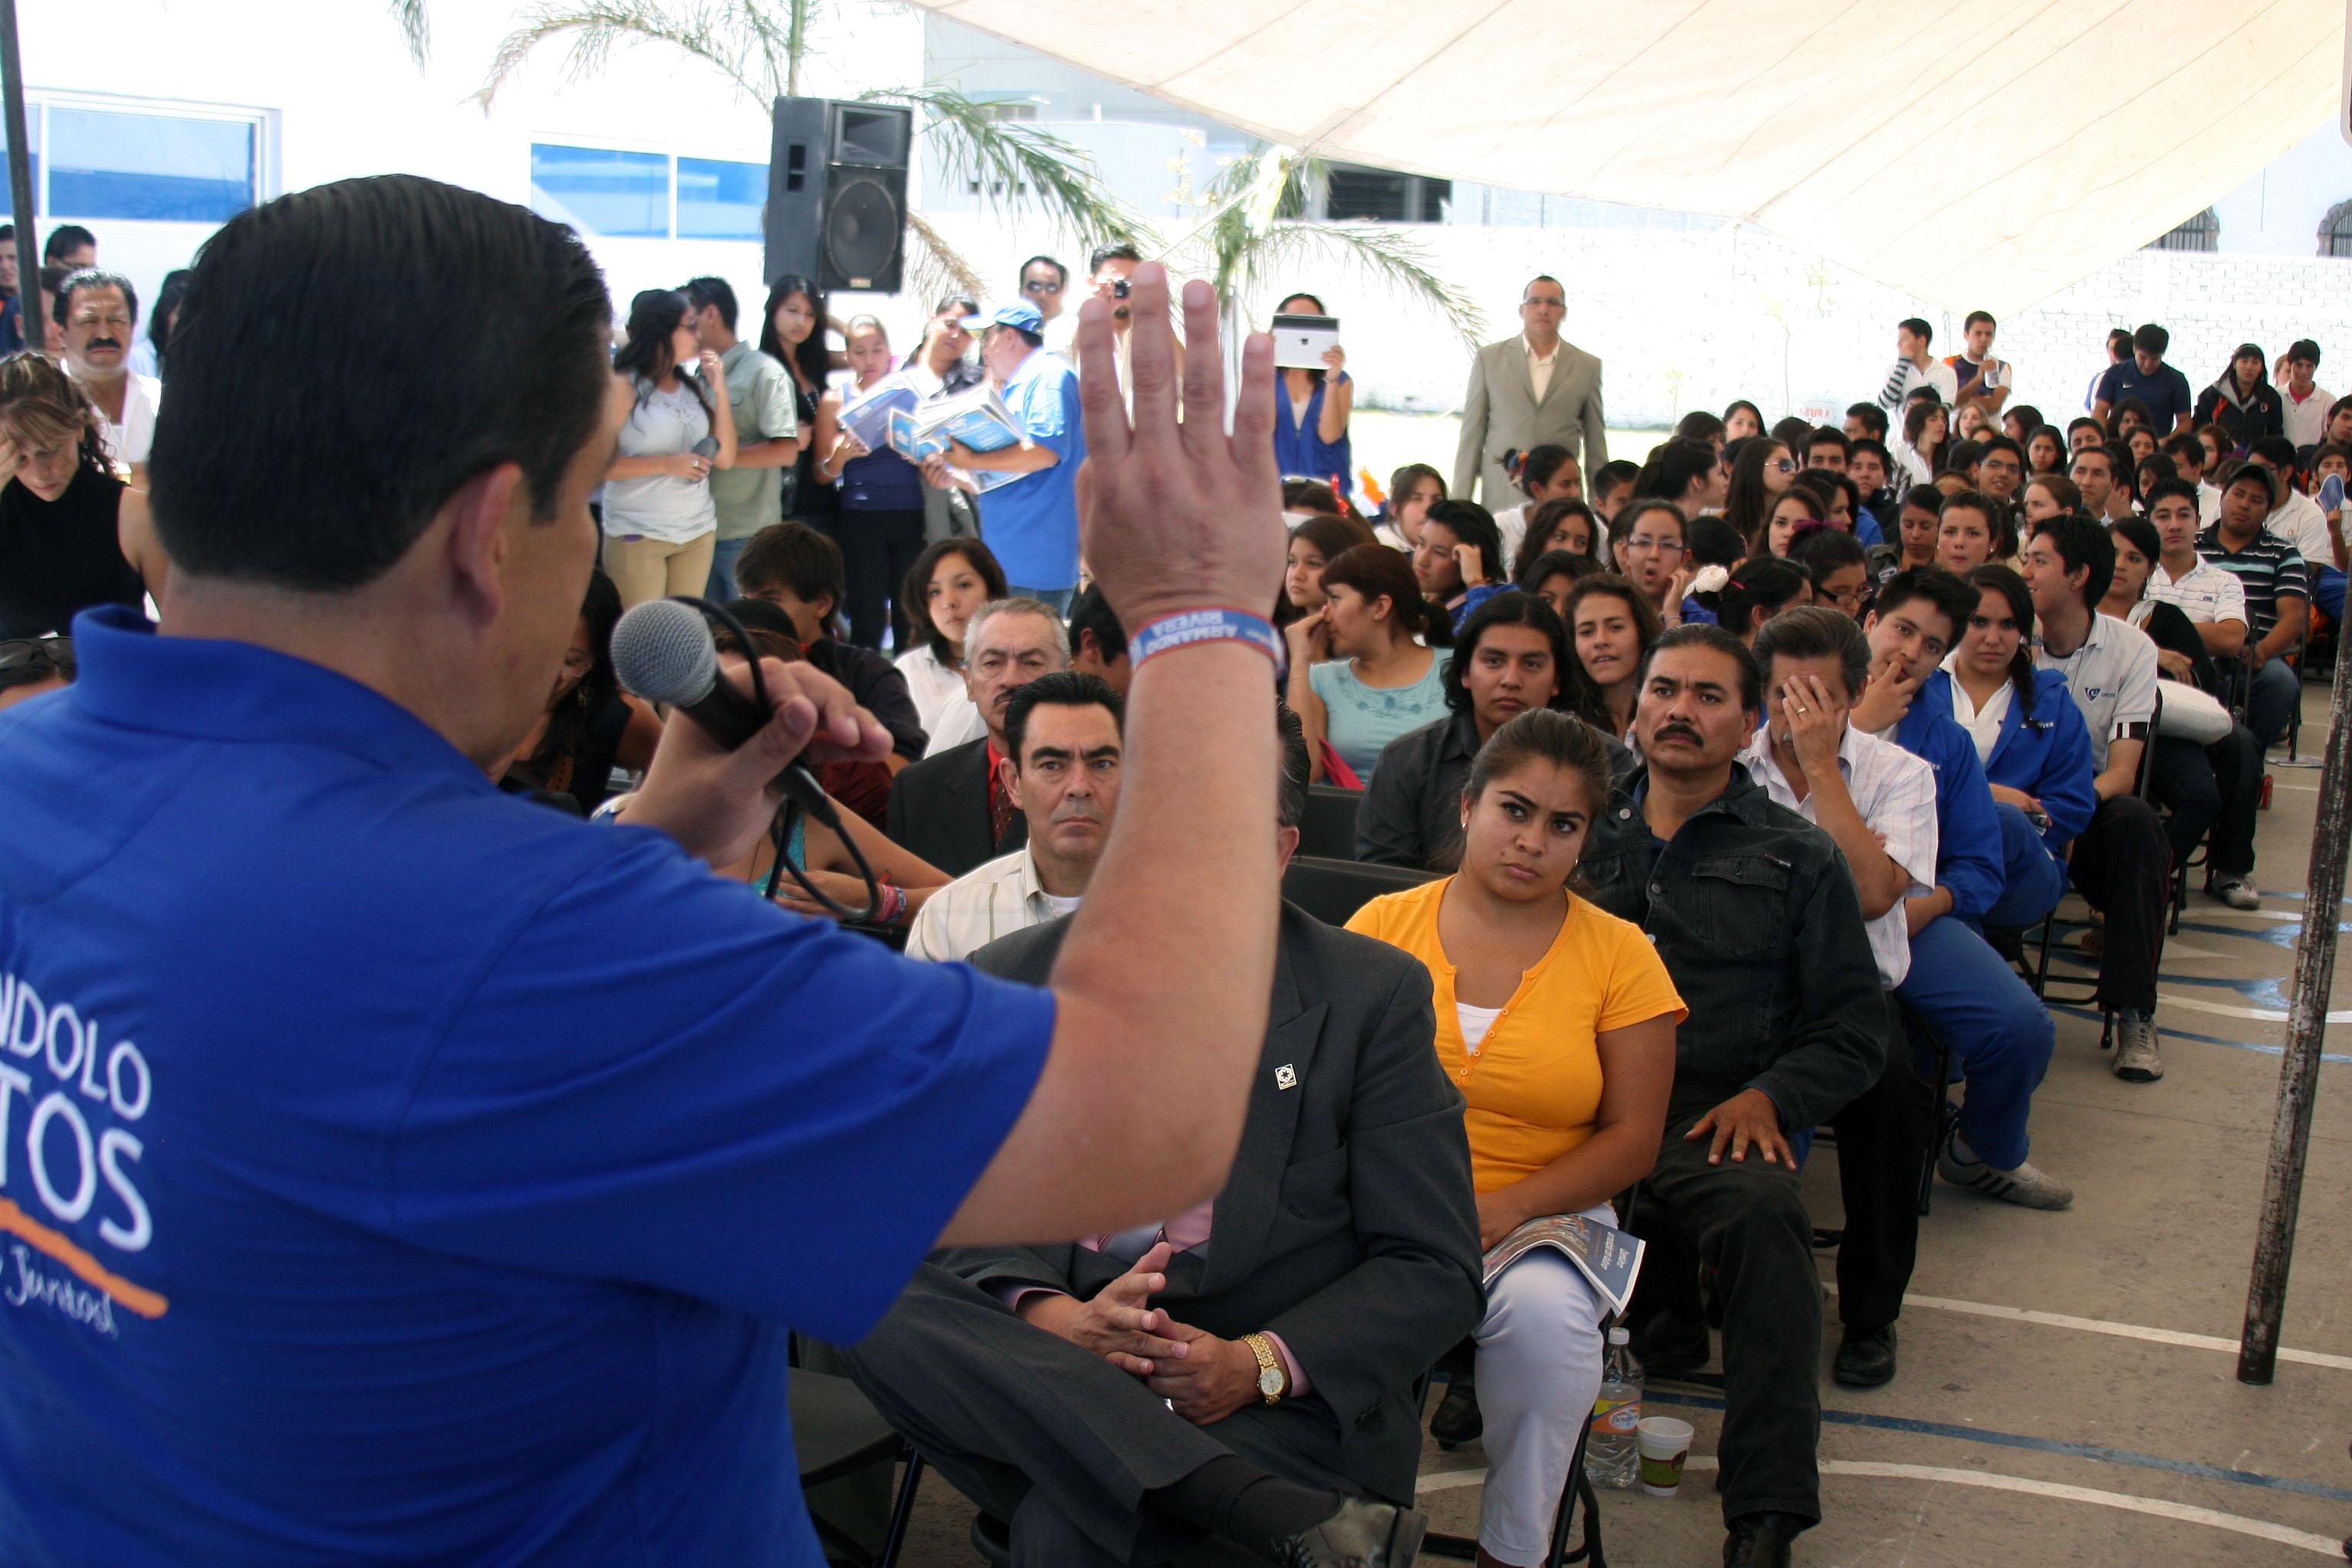 Rivera condiciona asistencia a debate programado en la UAQ